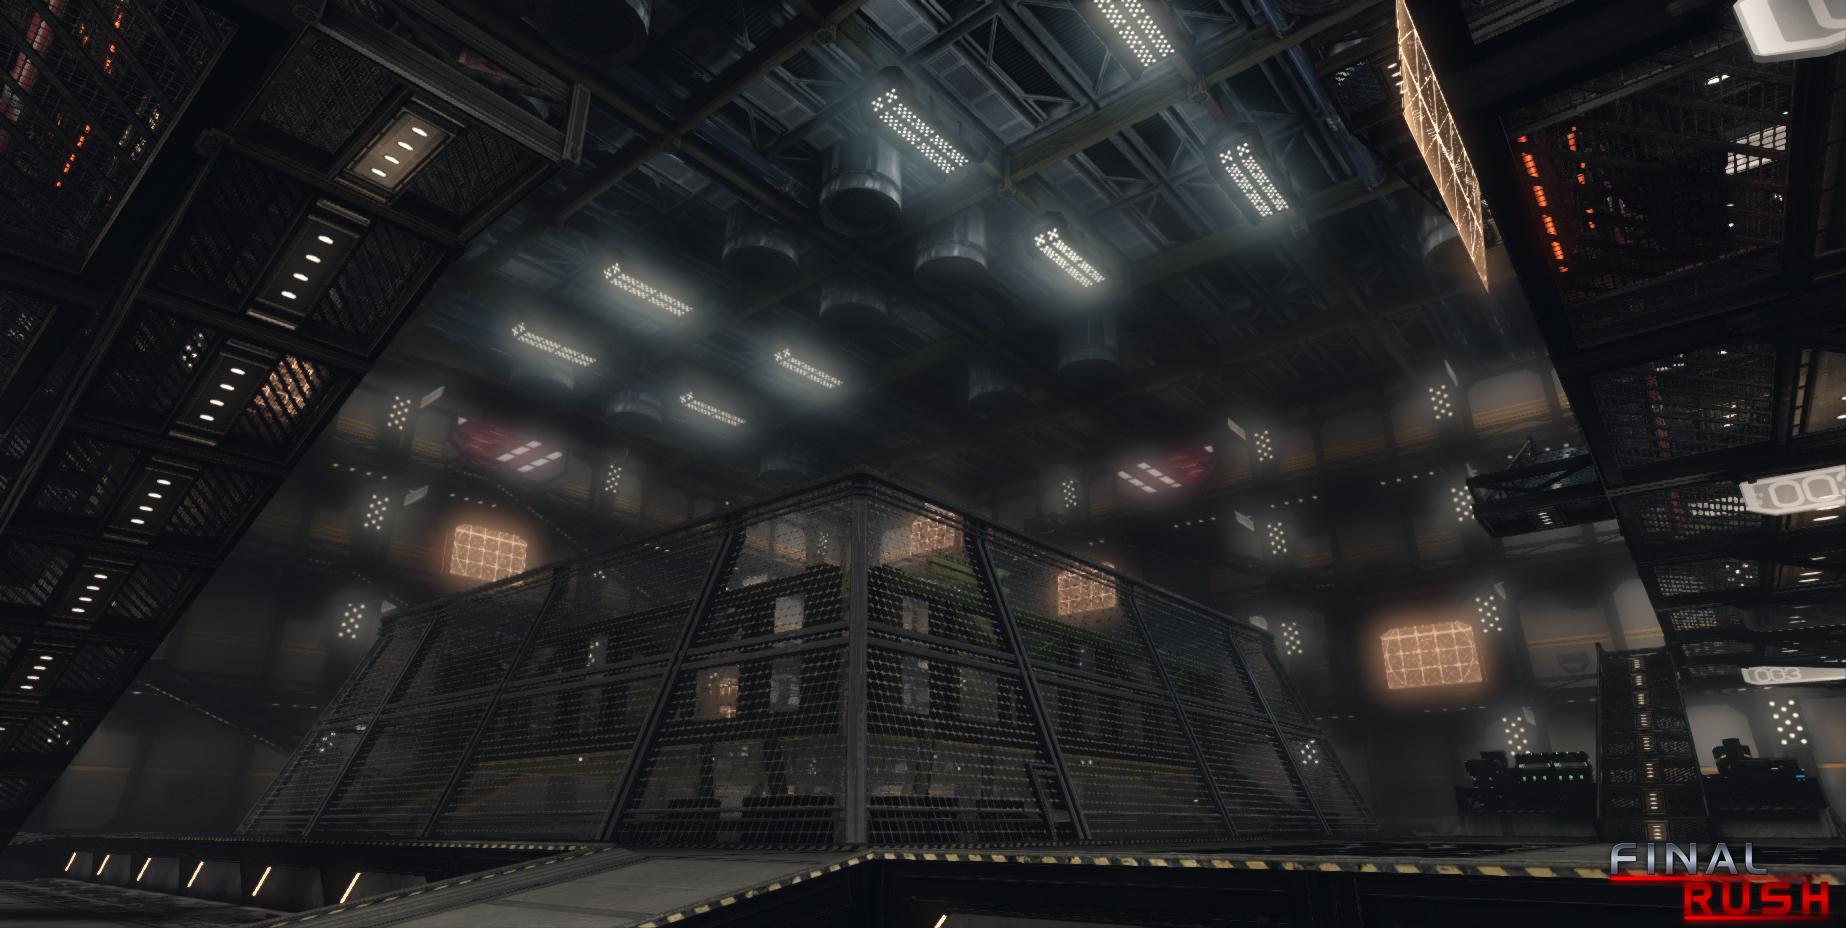 FinalRus_02.jpg